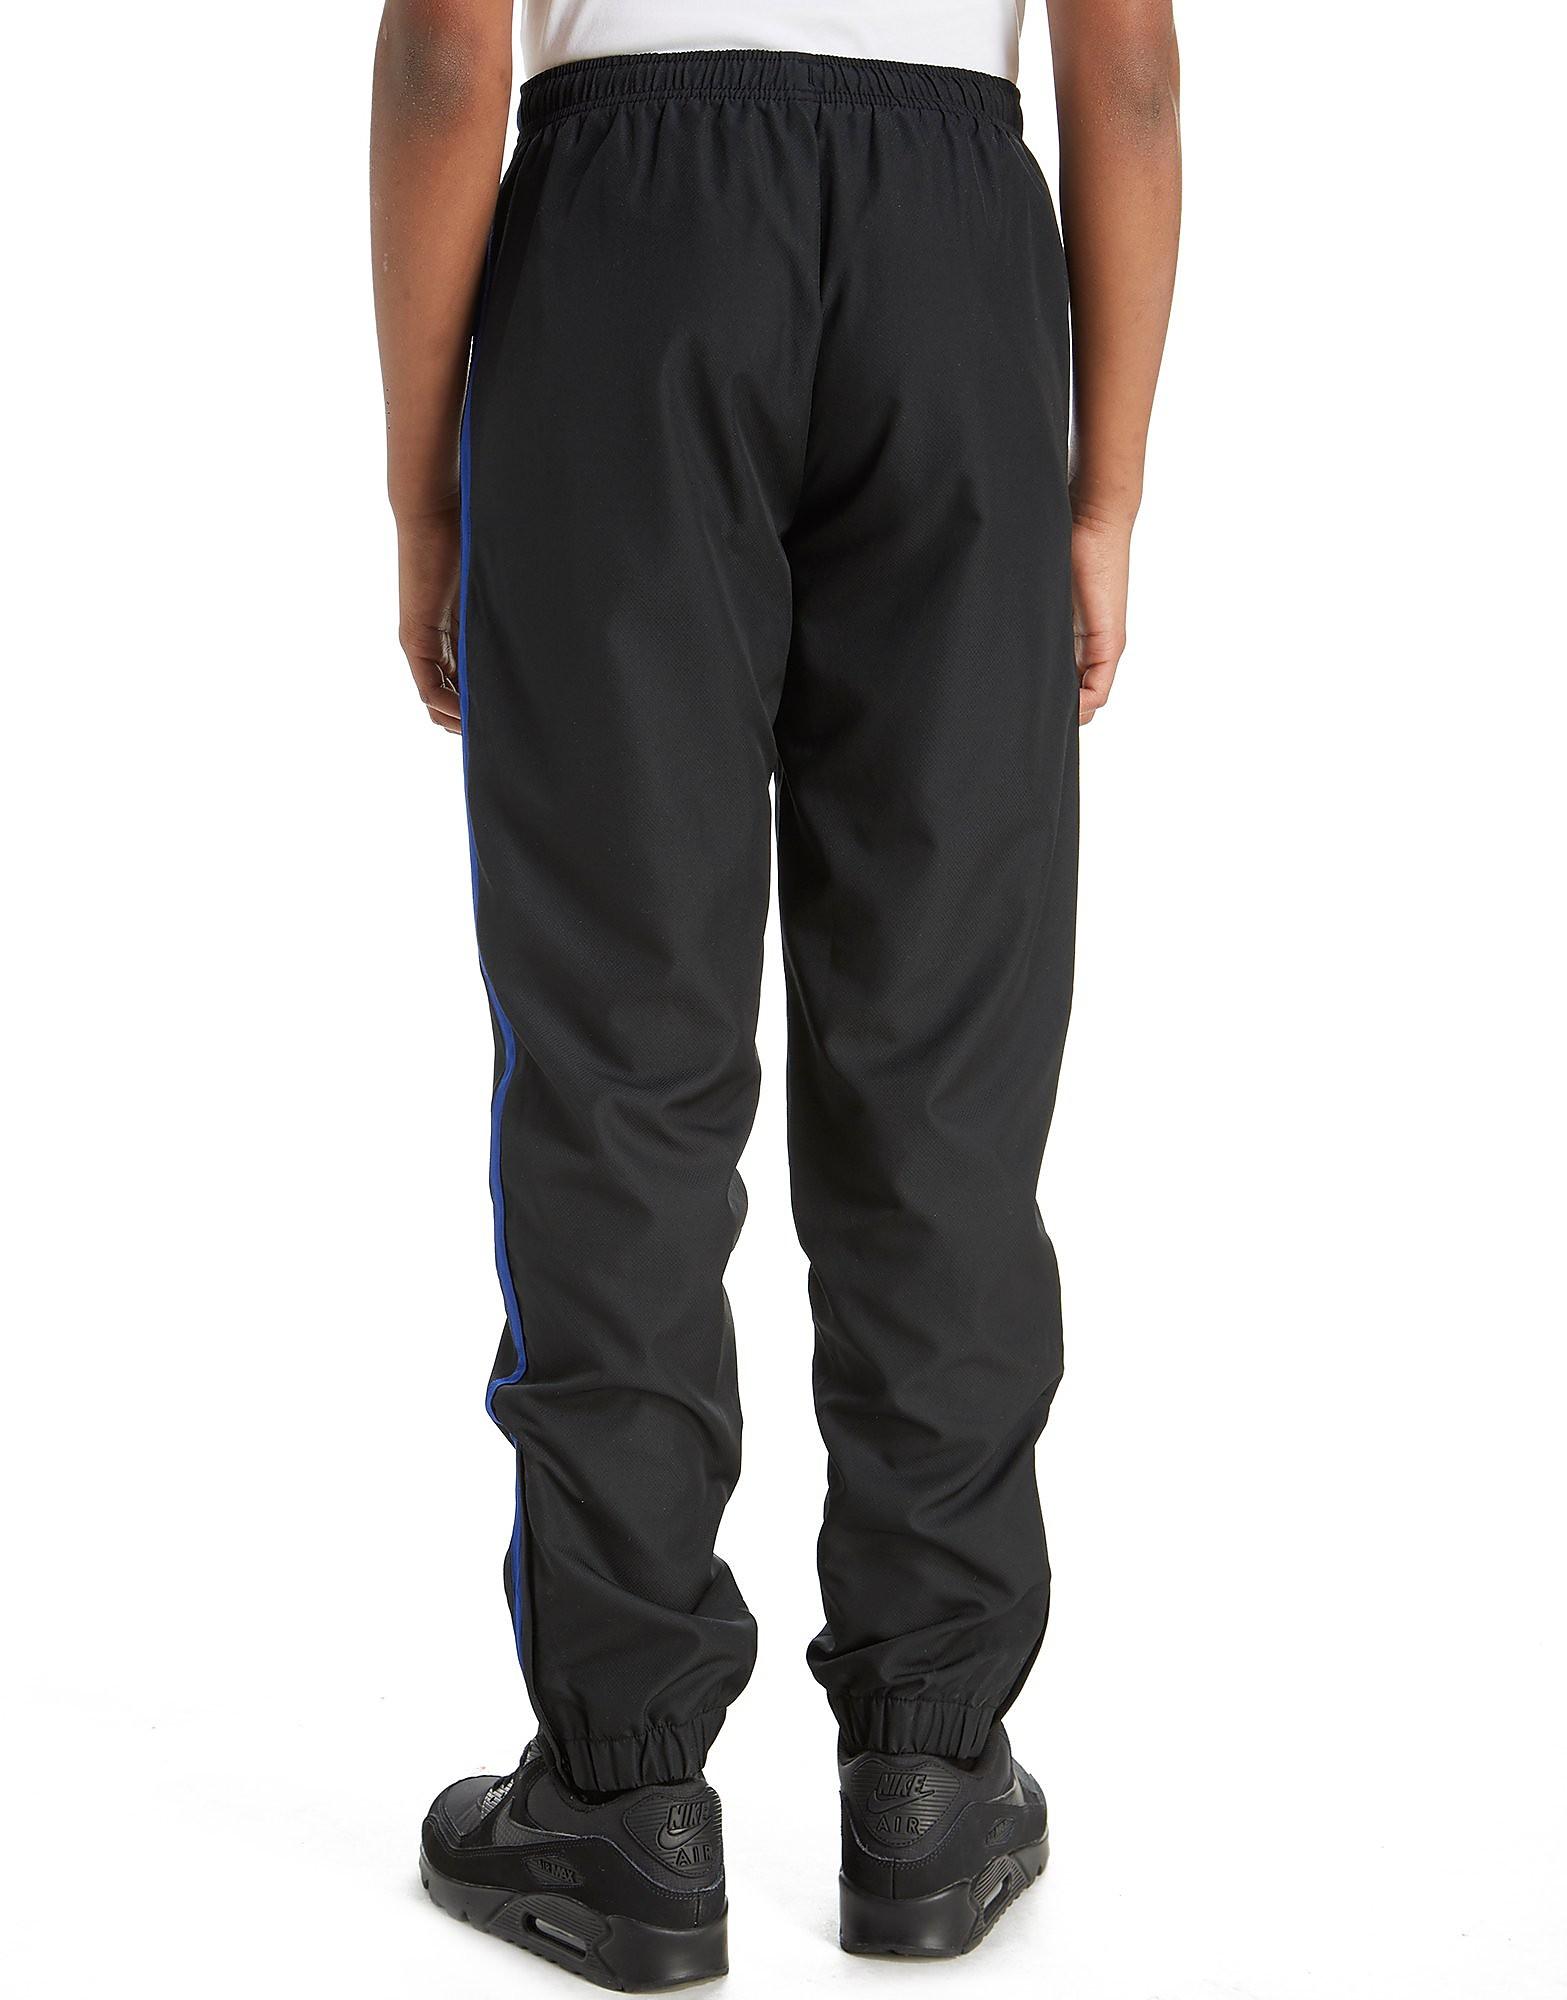 Lacoste Woven Pants Junior